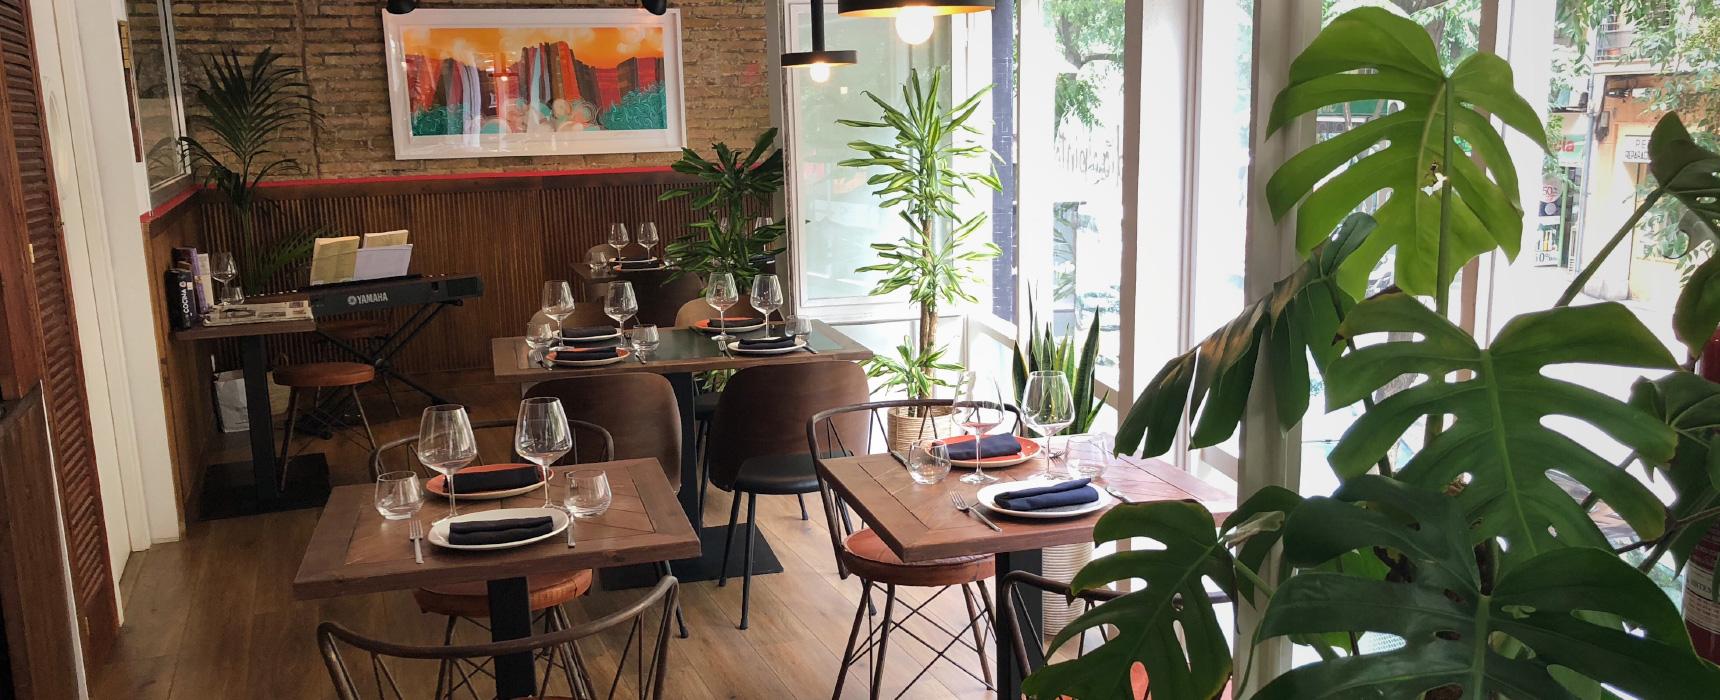 medio pinto restaurante barcelona, hotspot barcelona